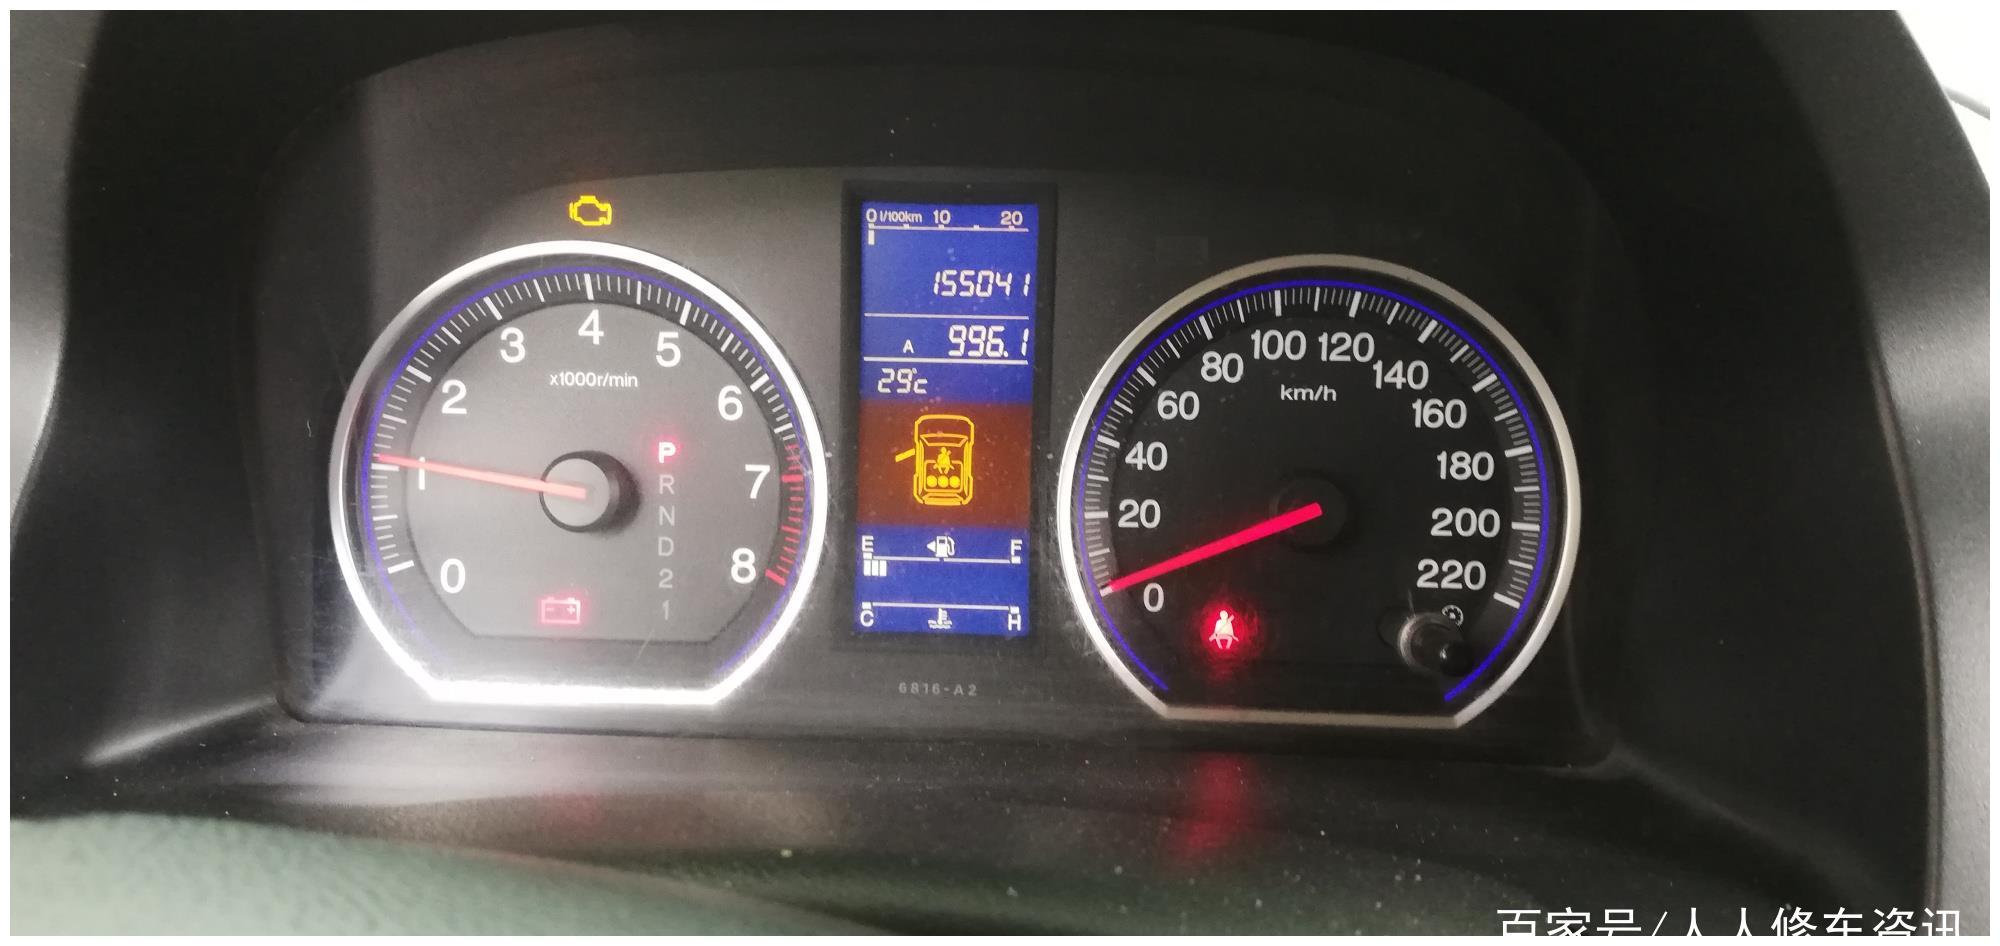 行车途中仪表盘突然亮起红色电瓶指示灯,应该咋办还能继续行驶吗